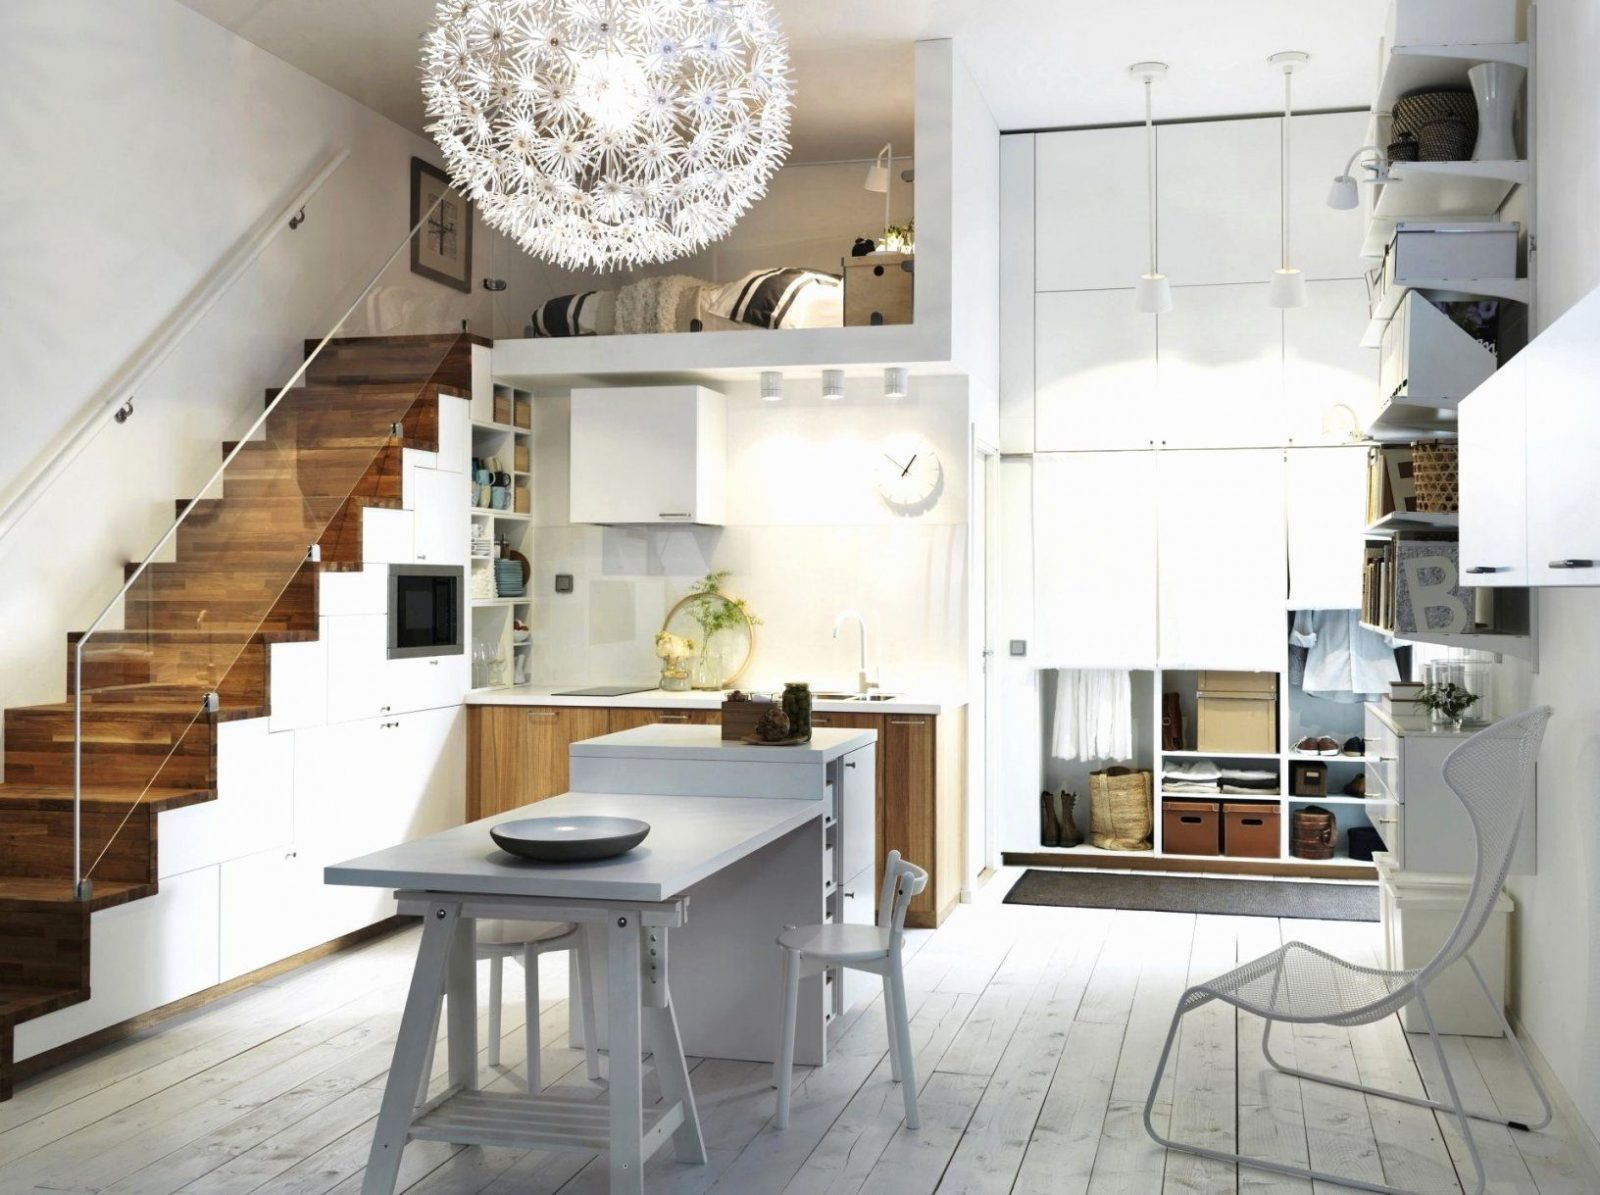 Küche Lustig Offene Küche Trennen Erstaunlich Offene Küche Trennen von Wohnzimmer Mit Küche Ideen Photo